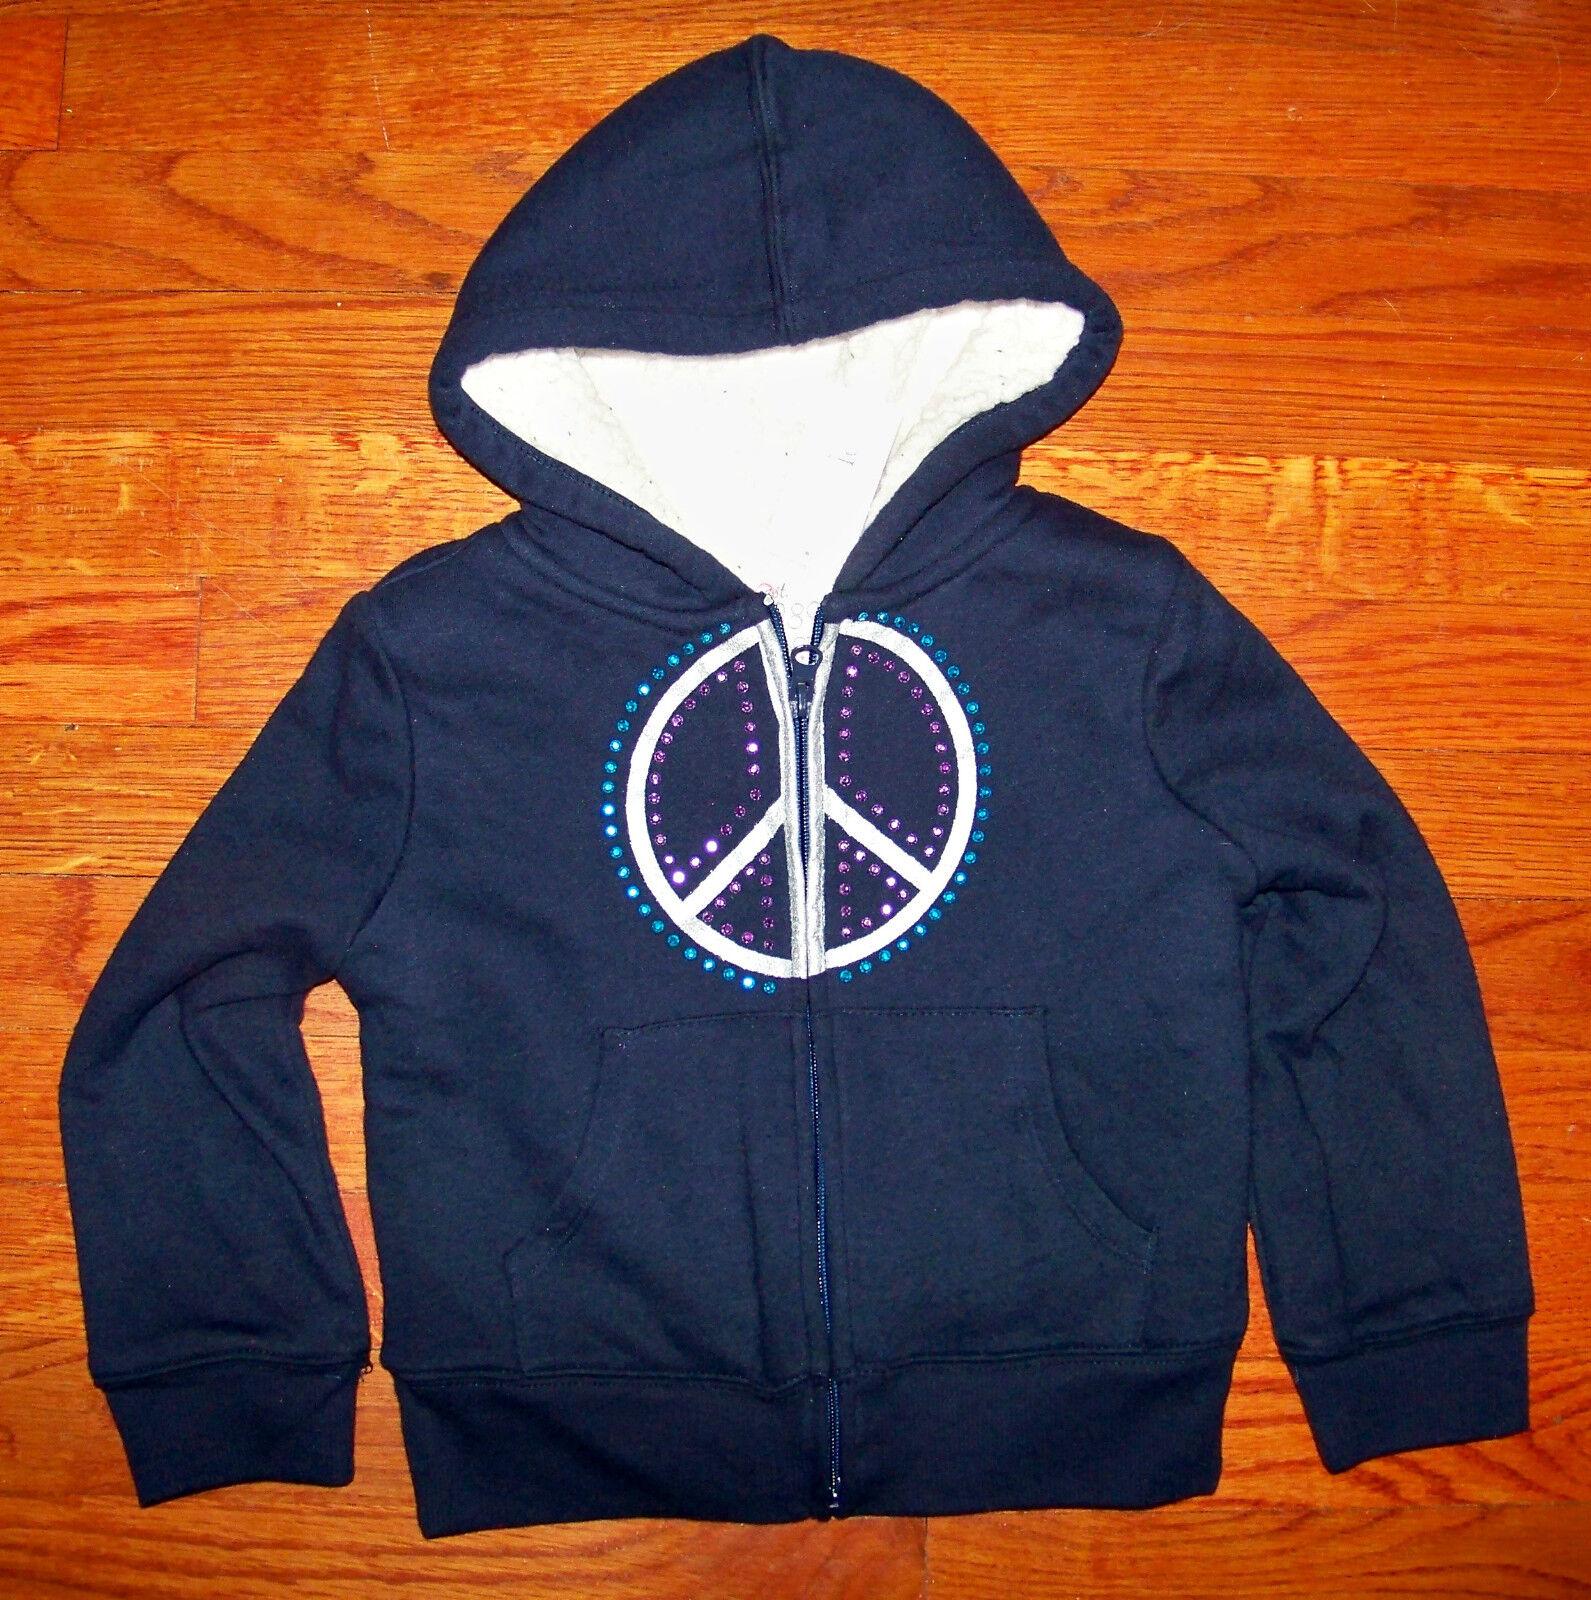 Új!Lányok A GYERMEKEK HELYE Navy Kék Ezüst Béke Jelentkezési Jacket Méret XS 4